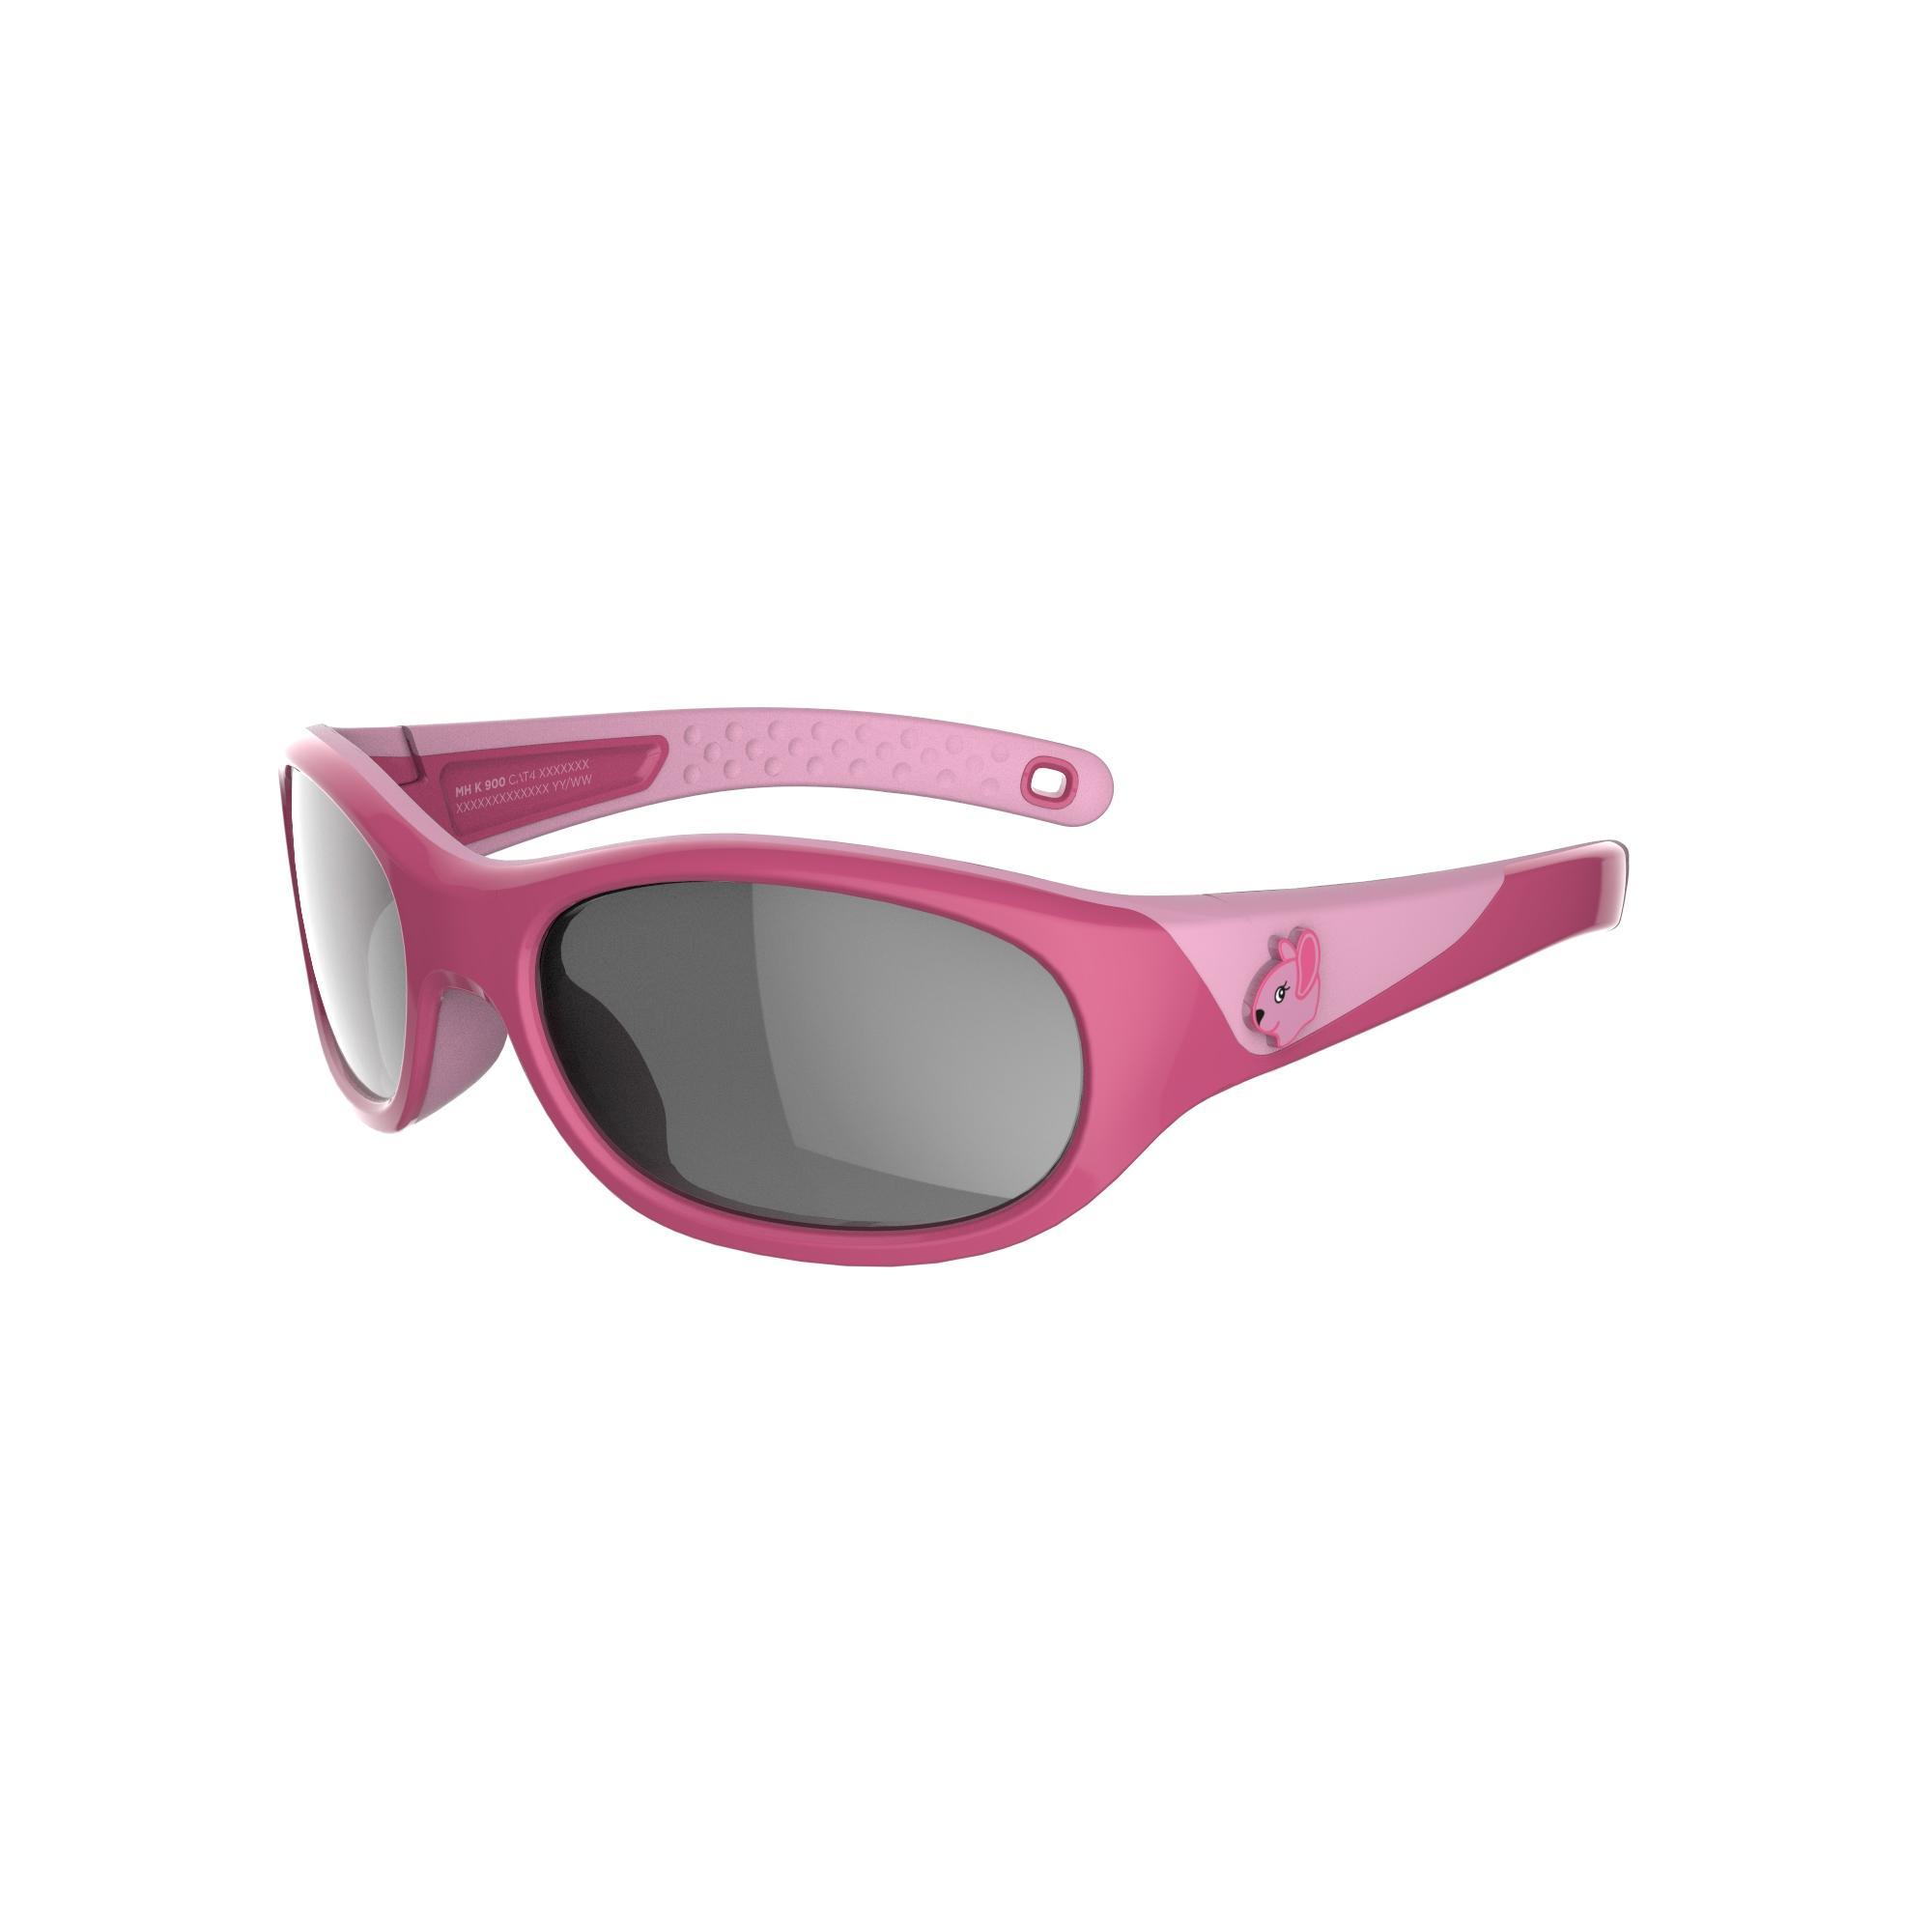 Lentes de sol de senderismo niños 4-6 años MH K 900 rosa categoría 4